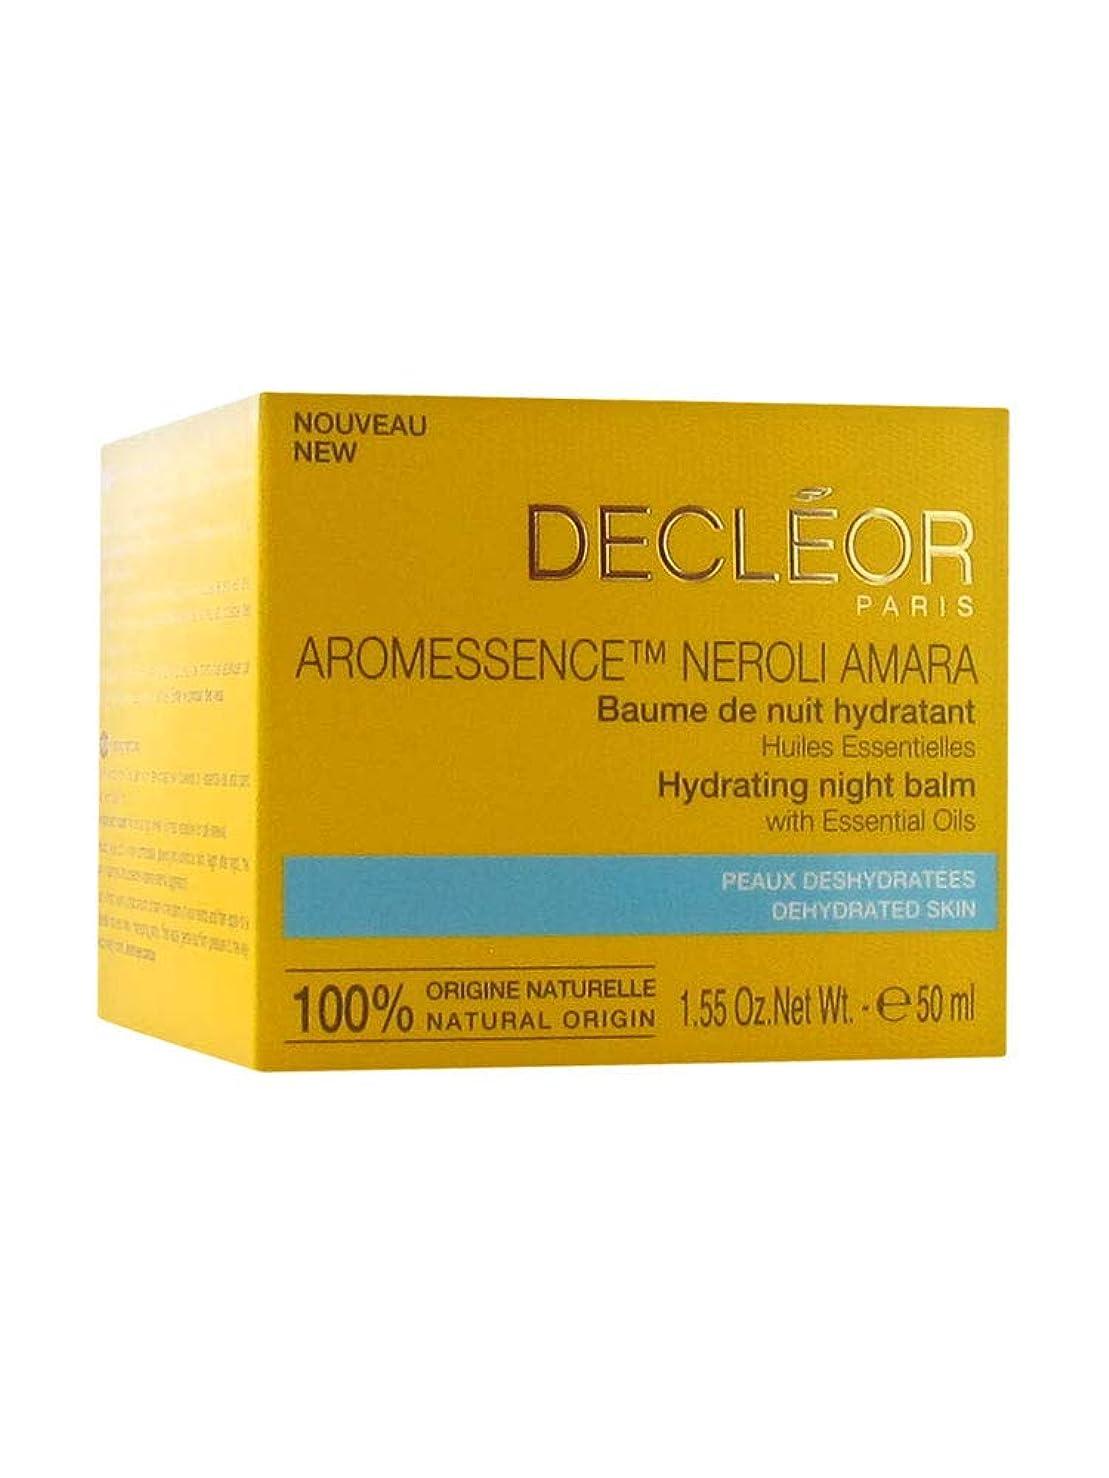 アクセルパニックまぶしさデクレオール Aromessence Neroli Amara Hydrating Night Balm - For Dehydrated Skin 50ml/1.55oz並行輸入品